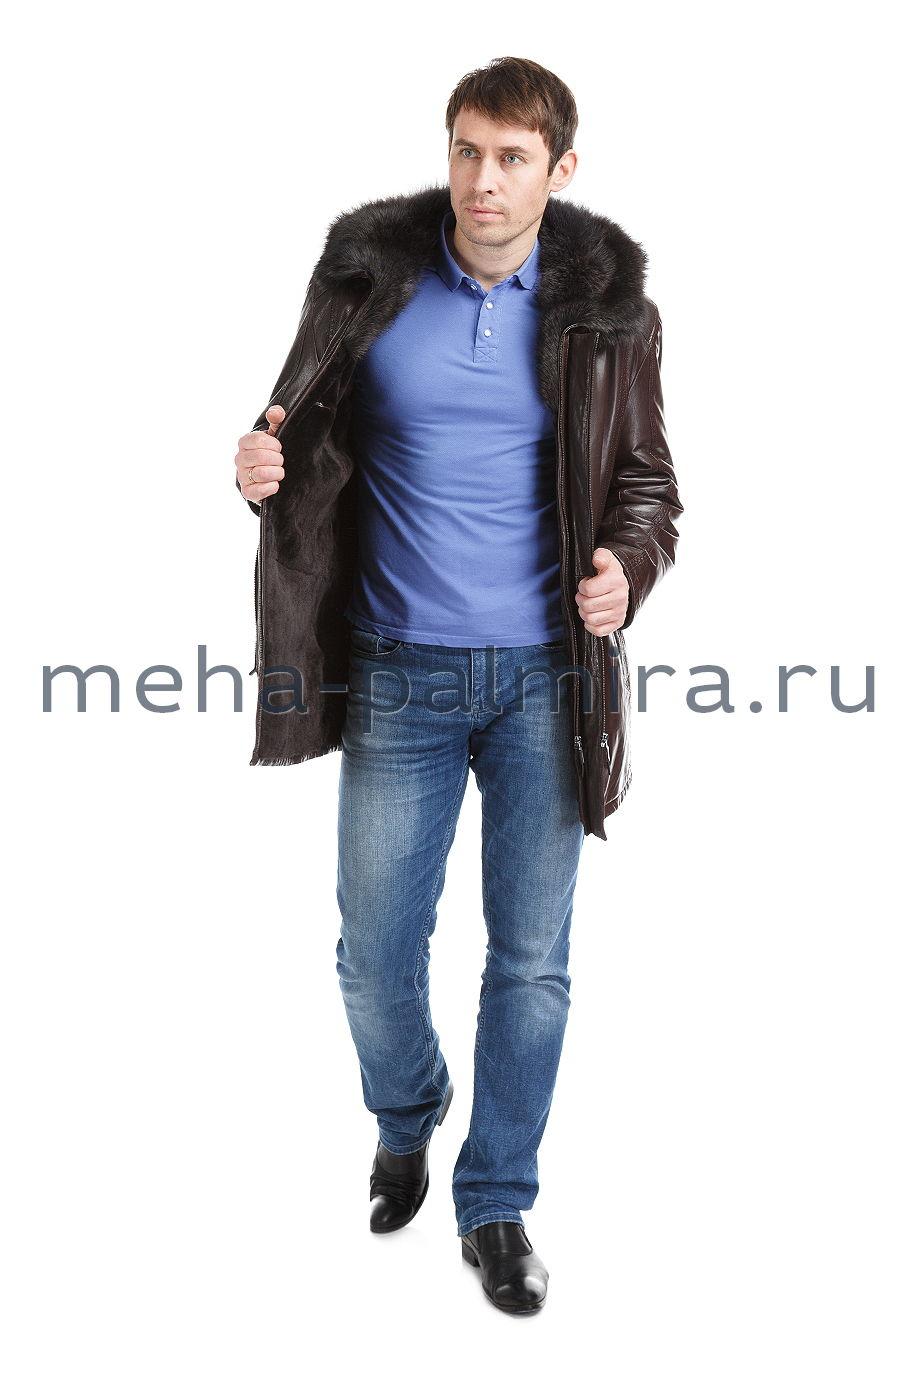 Коричневая мужская дубленка на молнии с капюшоном из меха енота